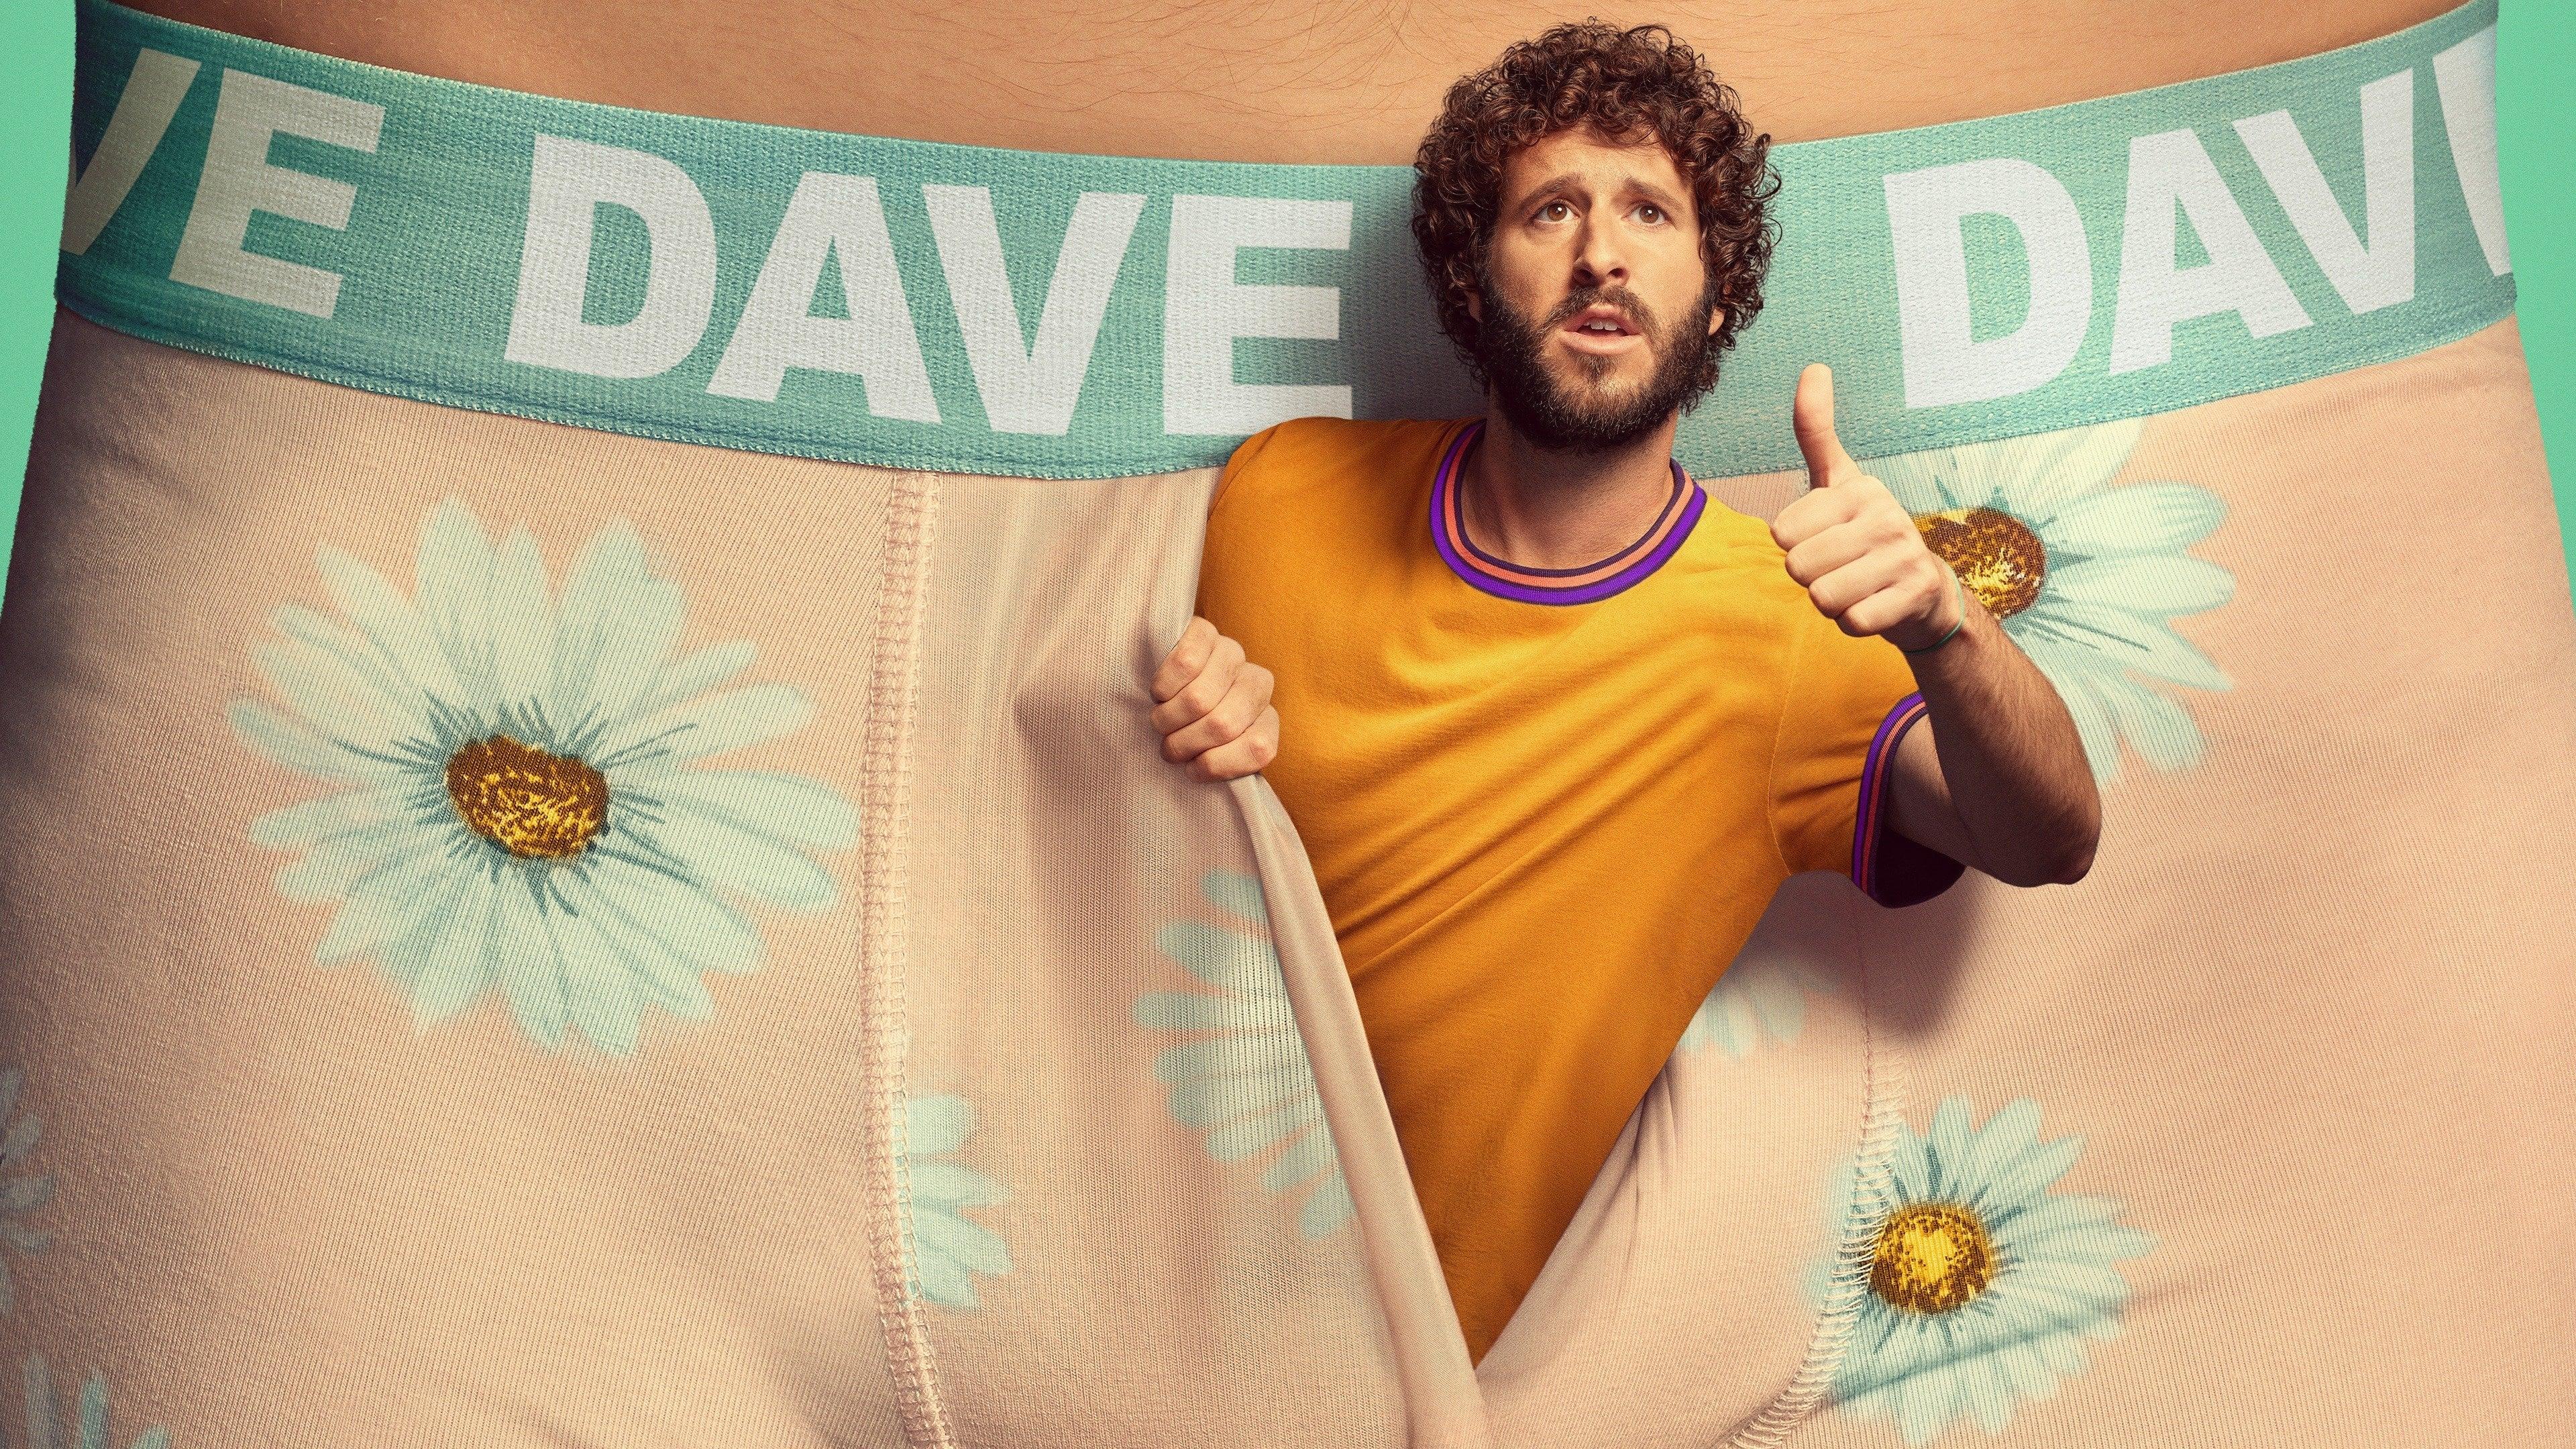 Dave (2020) vernieuwd met een tweede seizoen